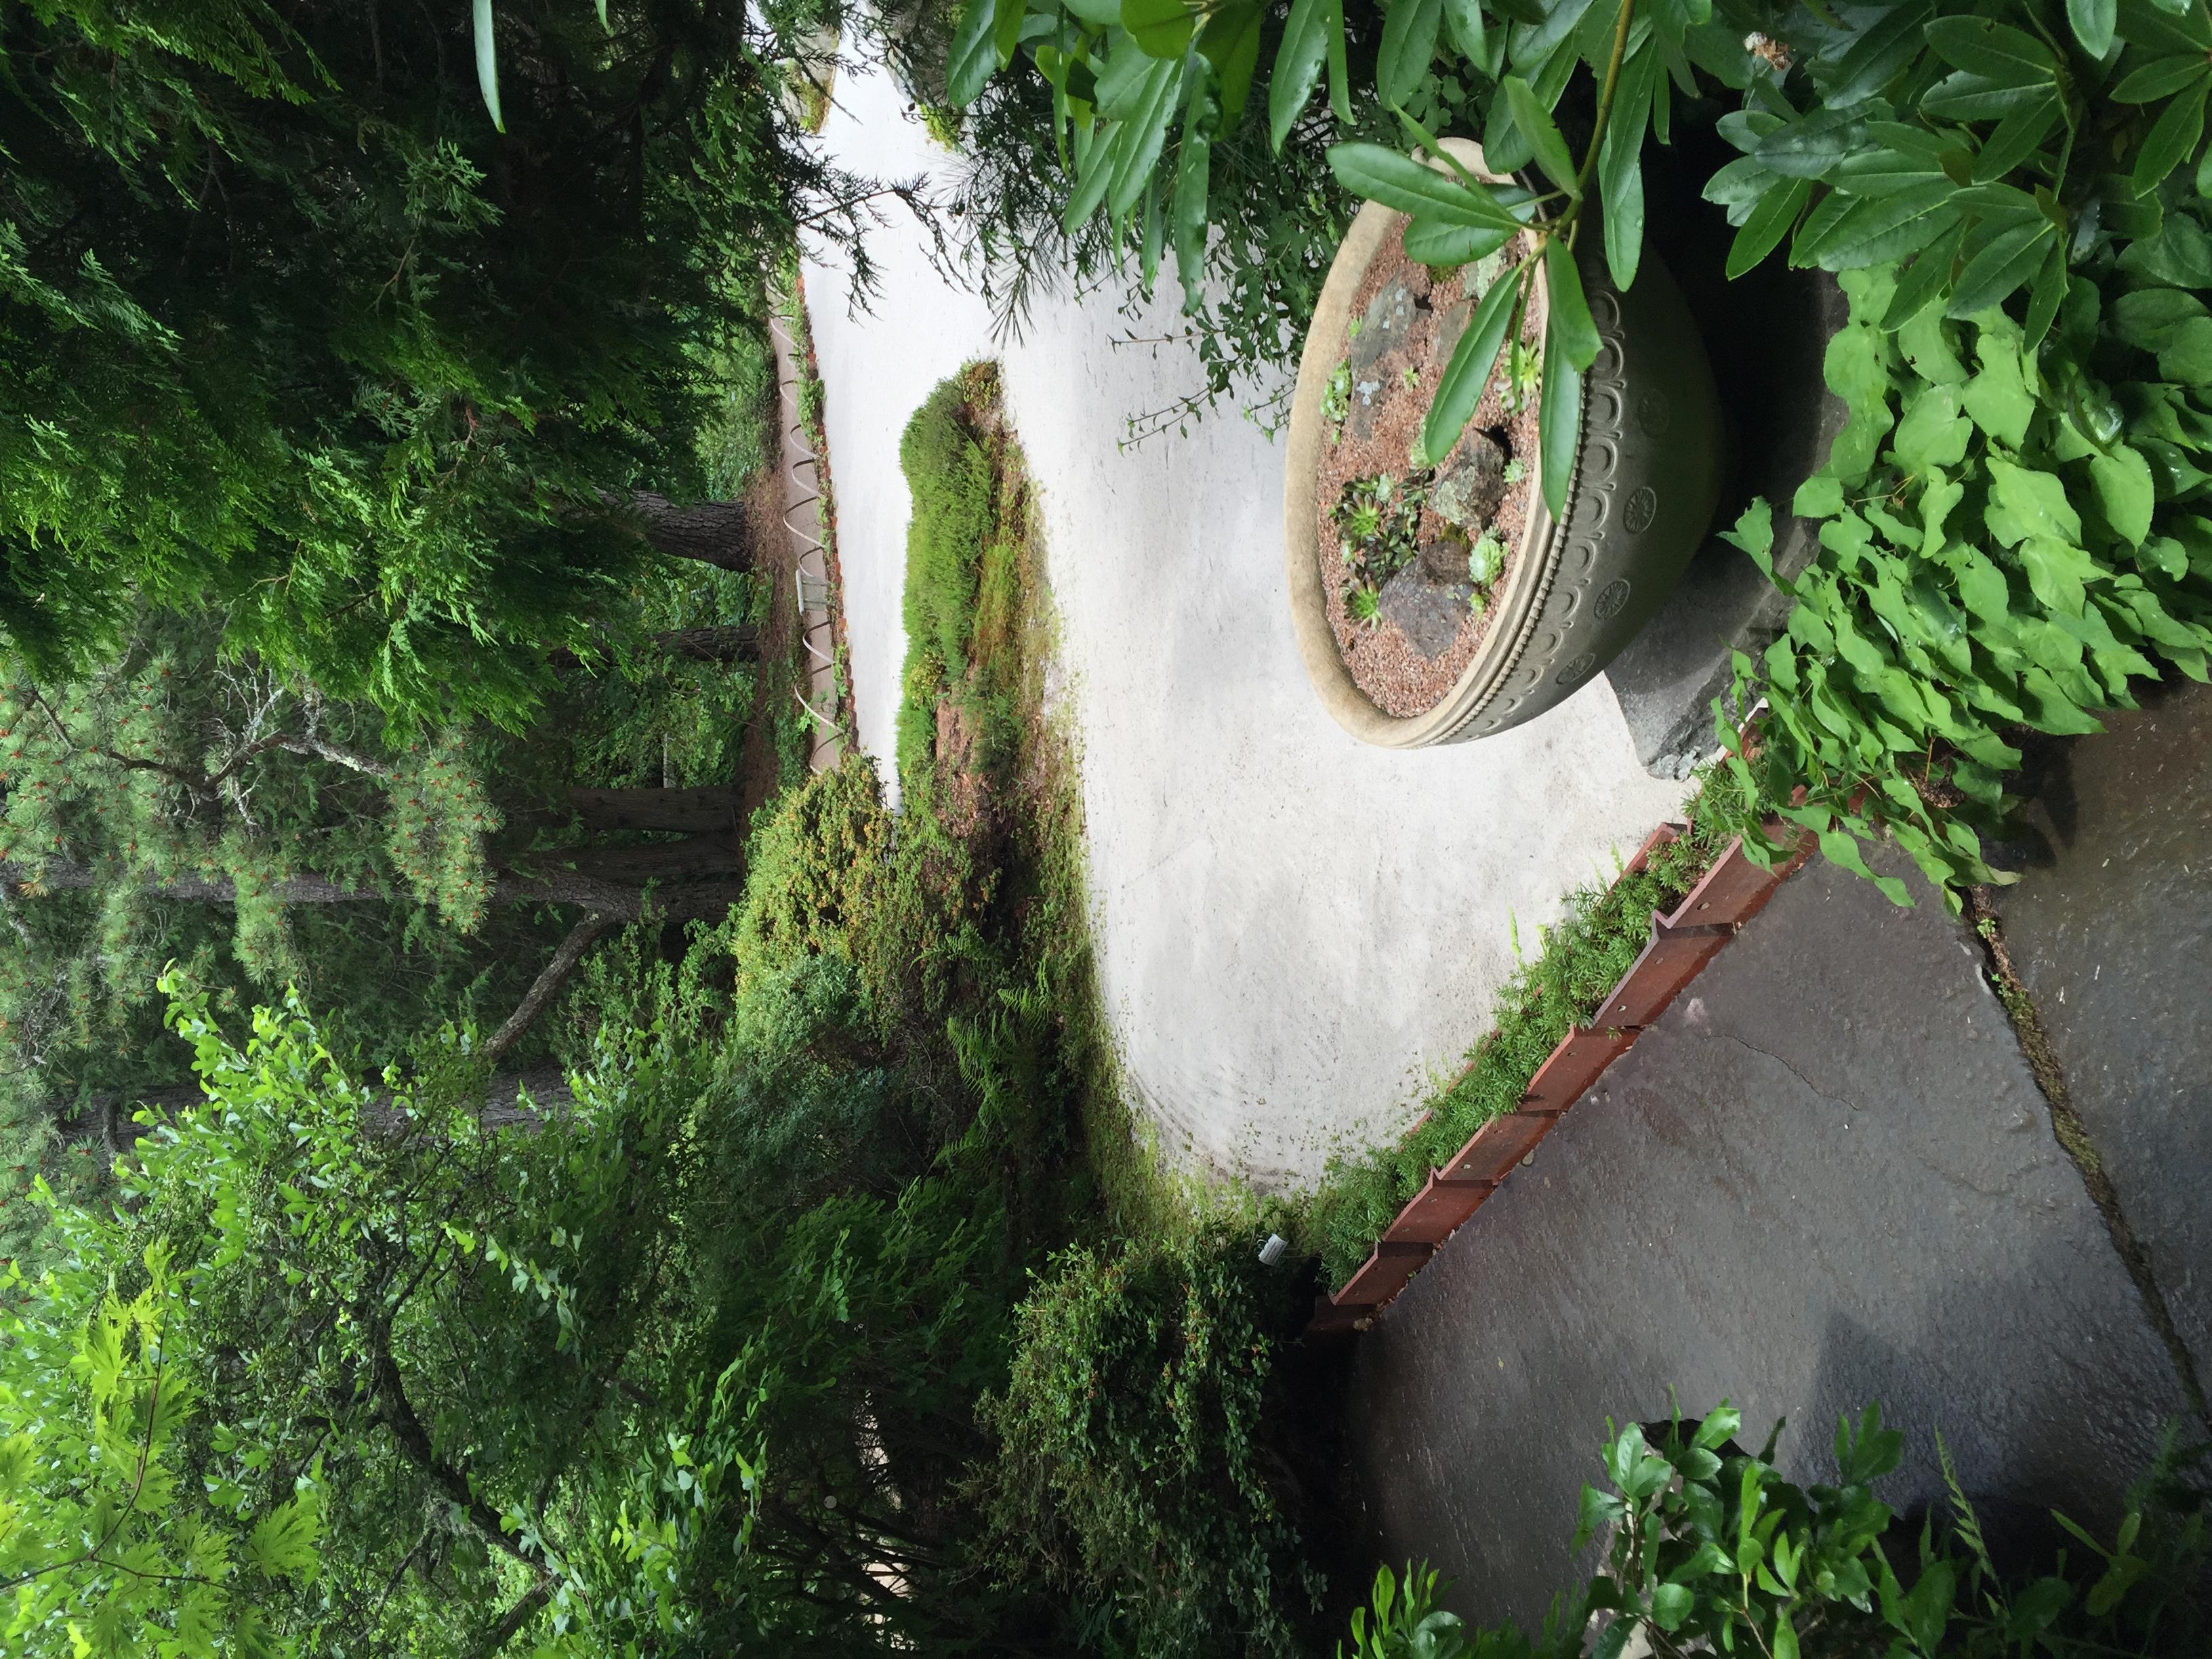 The edge of the stone garden at the Asticou Azalea Garden on MDI.